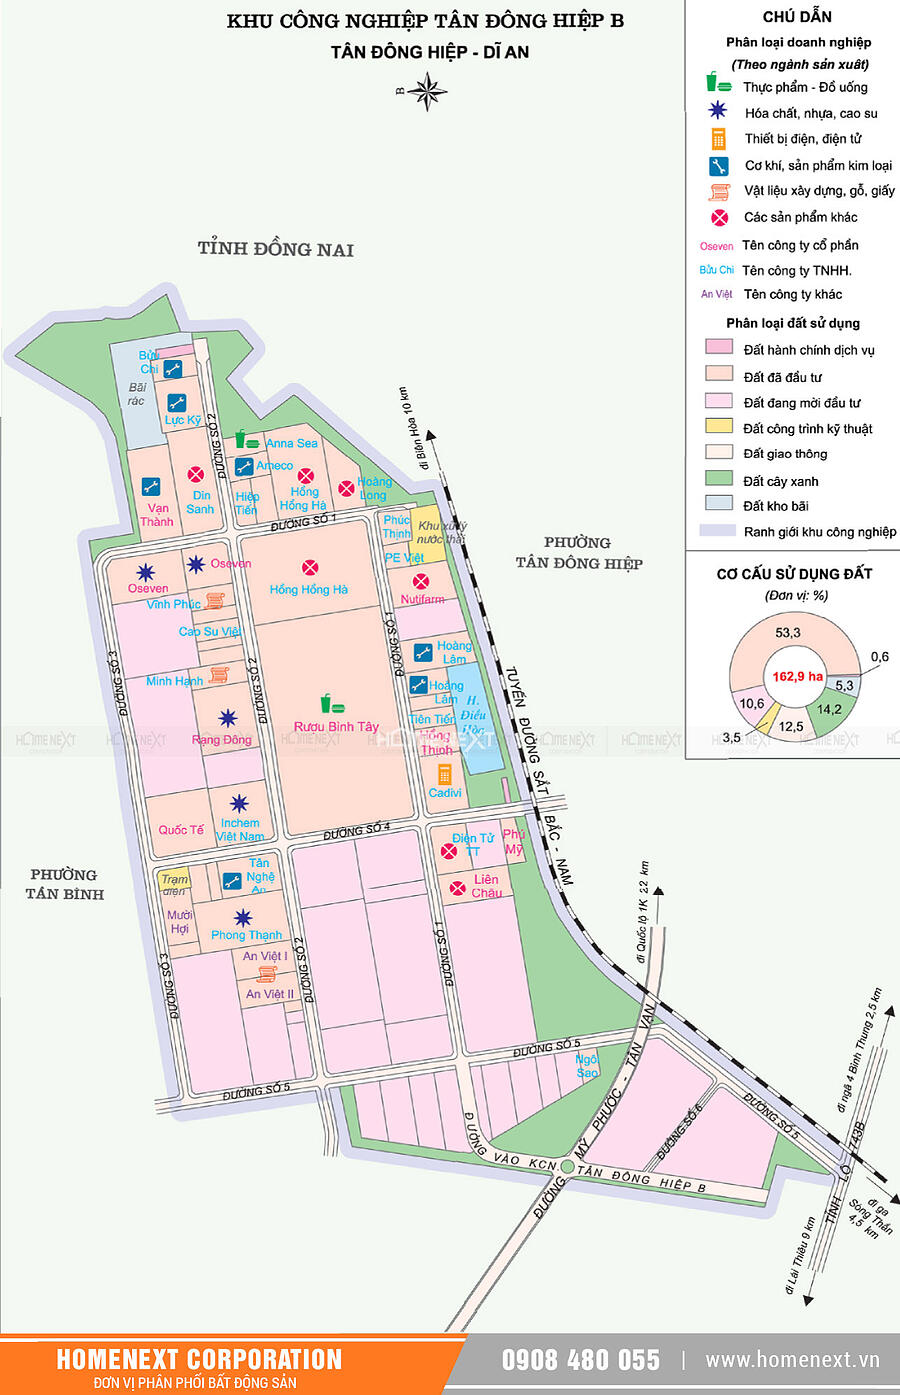 Bản đồ khu công nghiệp Tân Đông Hiệp B. Nhấp vào ảnh xem đầy đủ kích thước